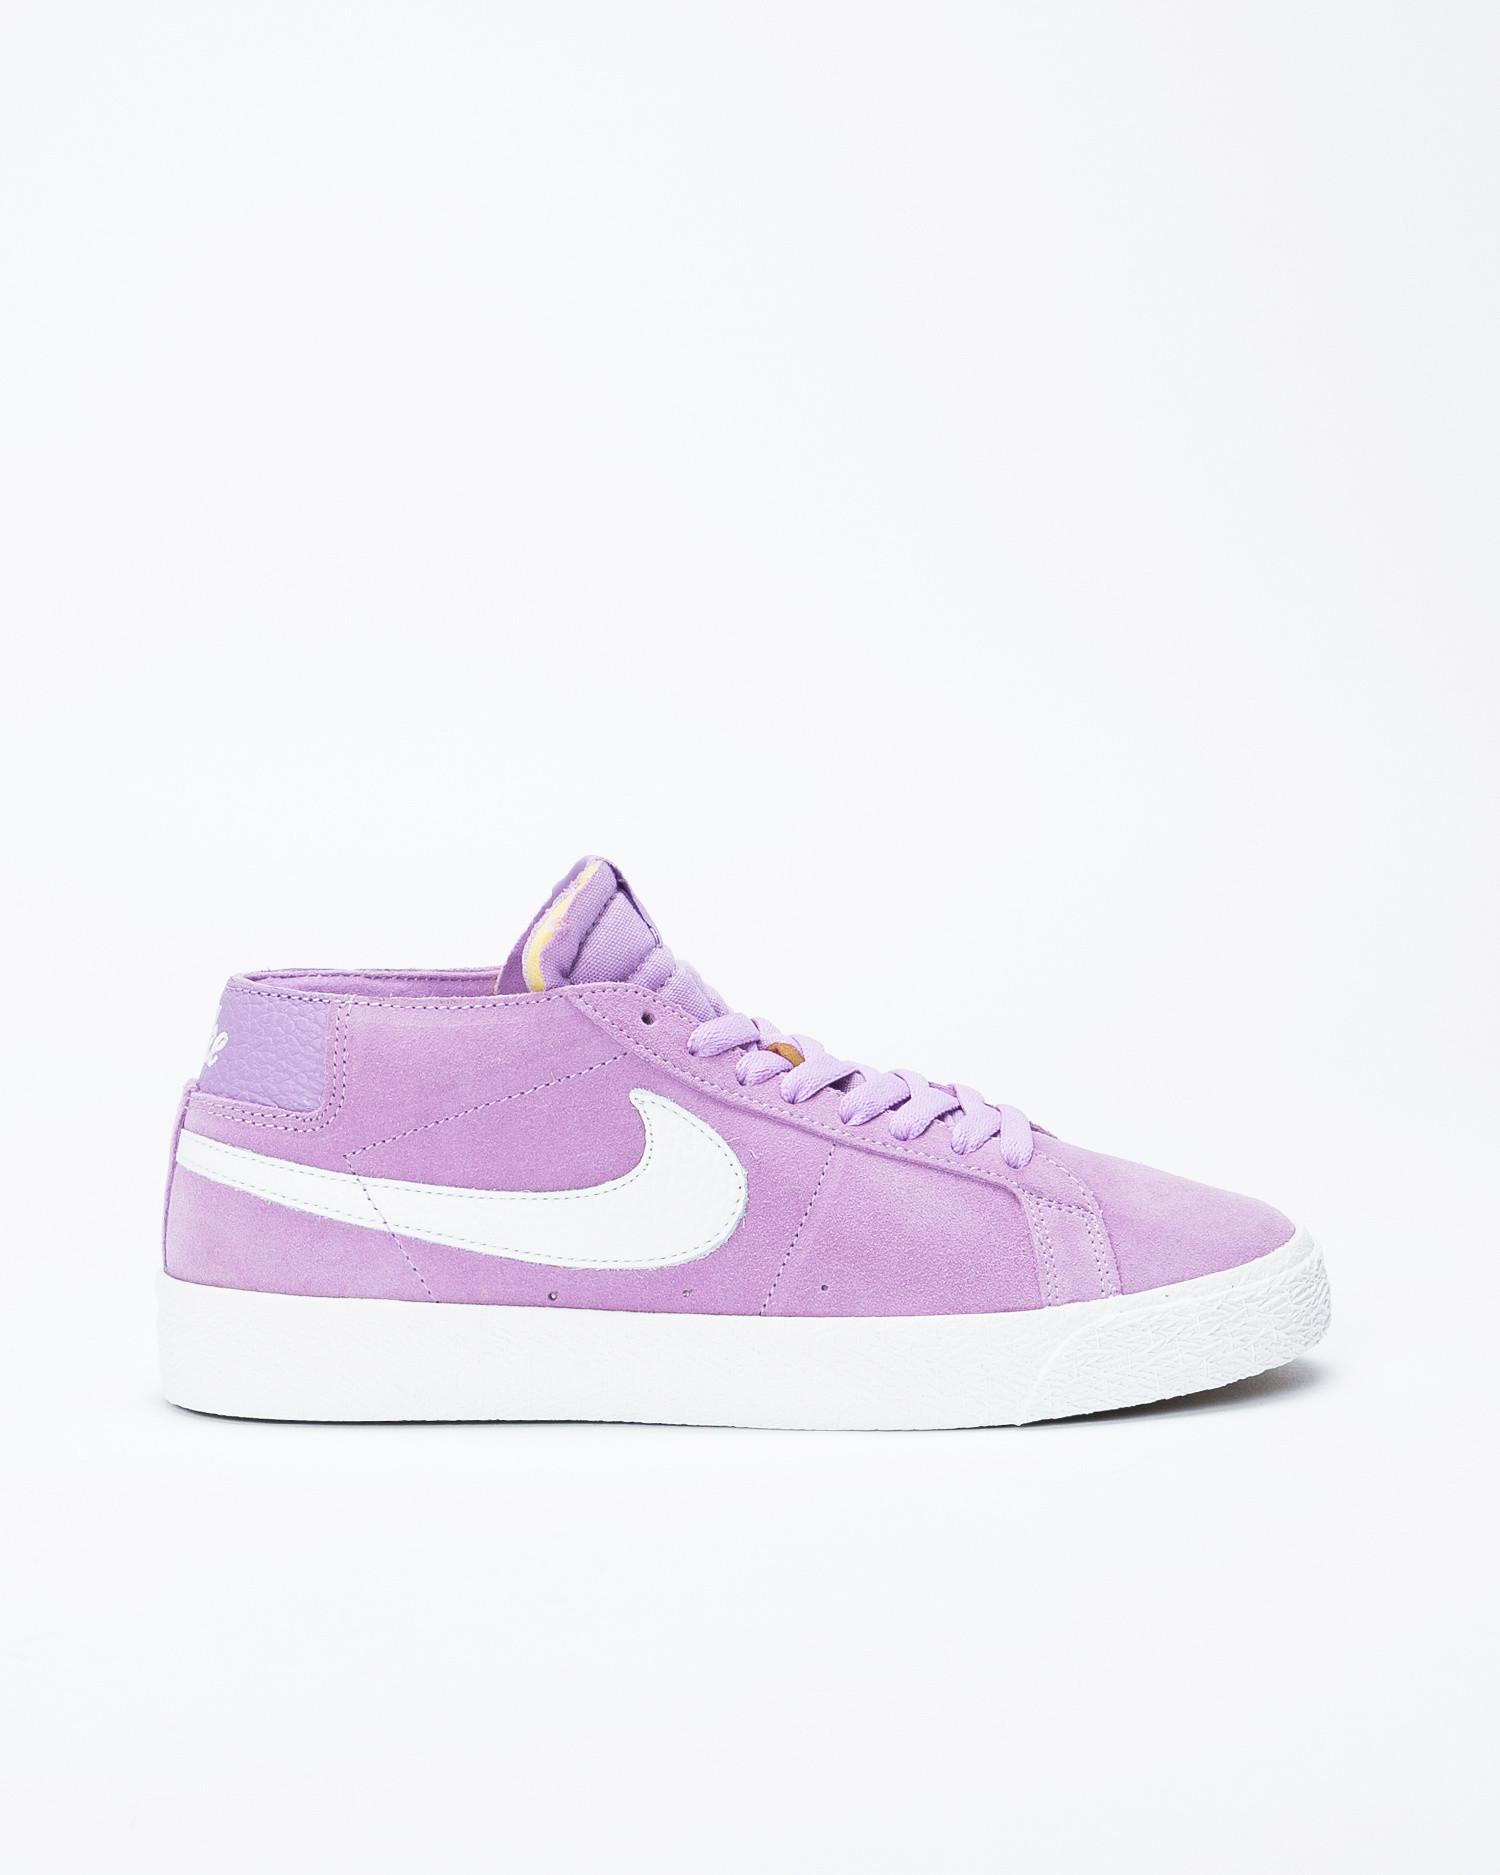 best service 0c11c 593ca Nike Sb zoom blazer Chukka Violet Star/Chukka white